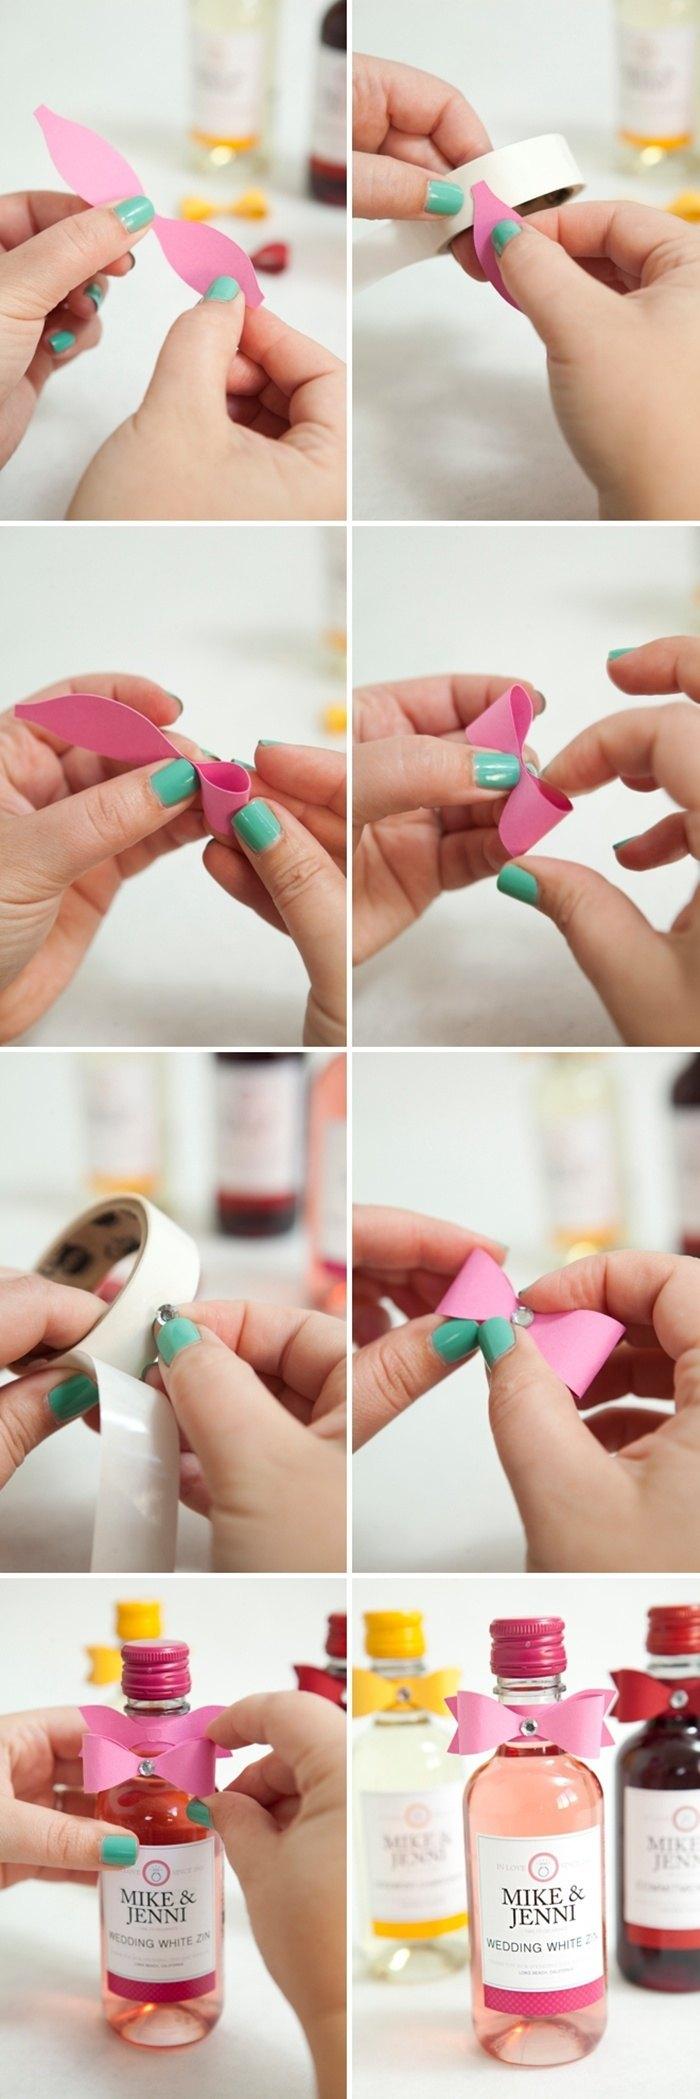 Instrucciones lazo botellas de licores para bodas